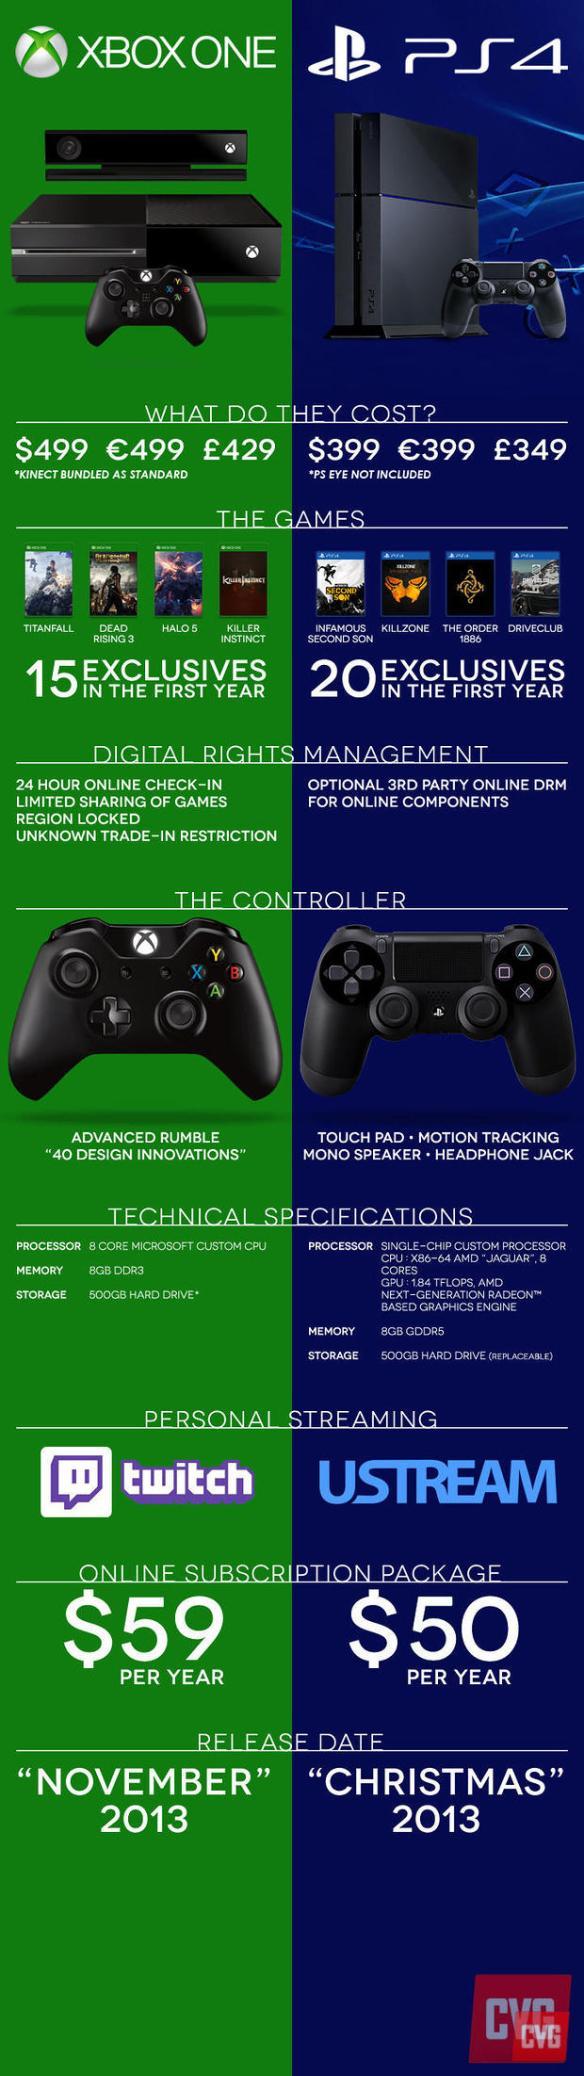 XB1 v PS4